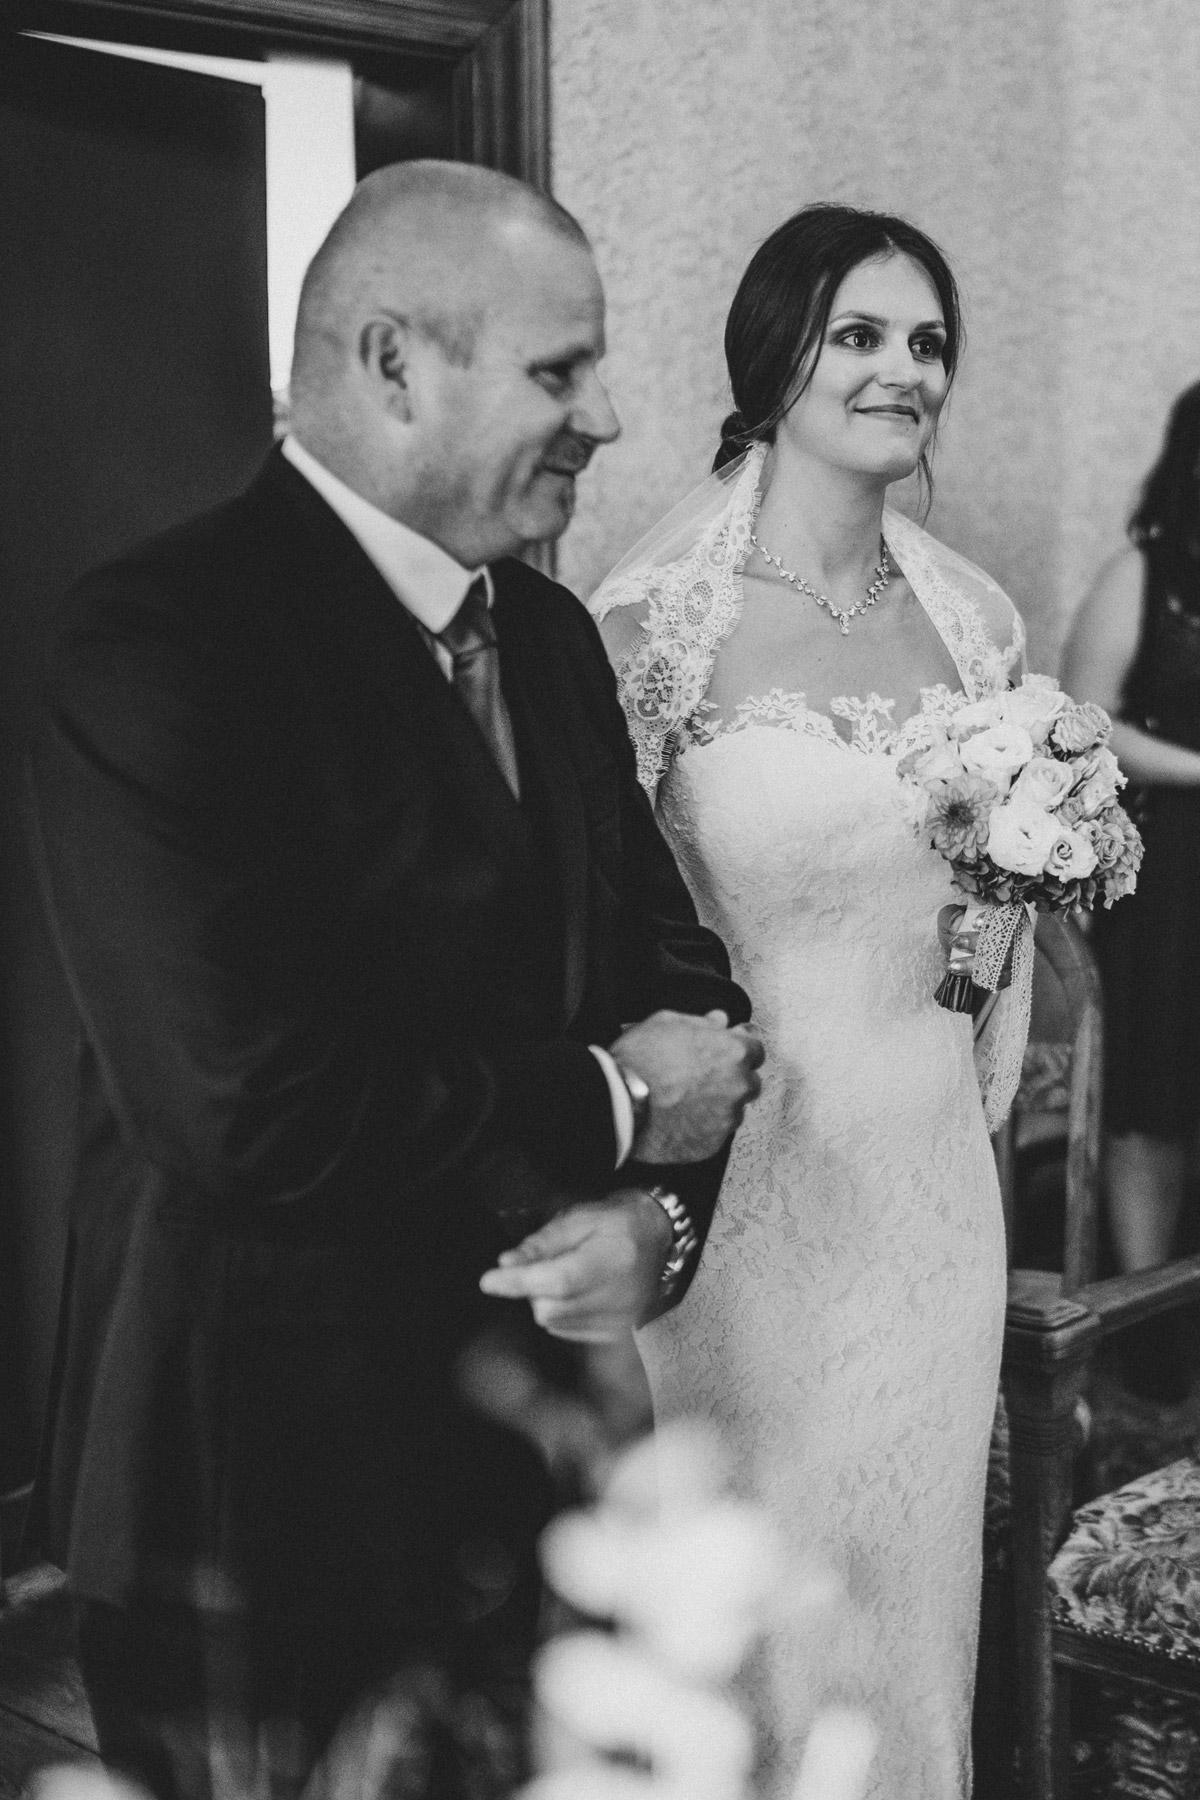 Standesamt Berlin Hochzeit: Braut im Hochzeitskleid wird von ihrem Vater in die Villa Kogge geführt, um standesamtlich zu heiraten. Mehr zu Berlins Standesämtern auf unseren #hochzeitslicht Webseiten © www.hochzeitslicht.de